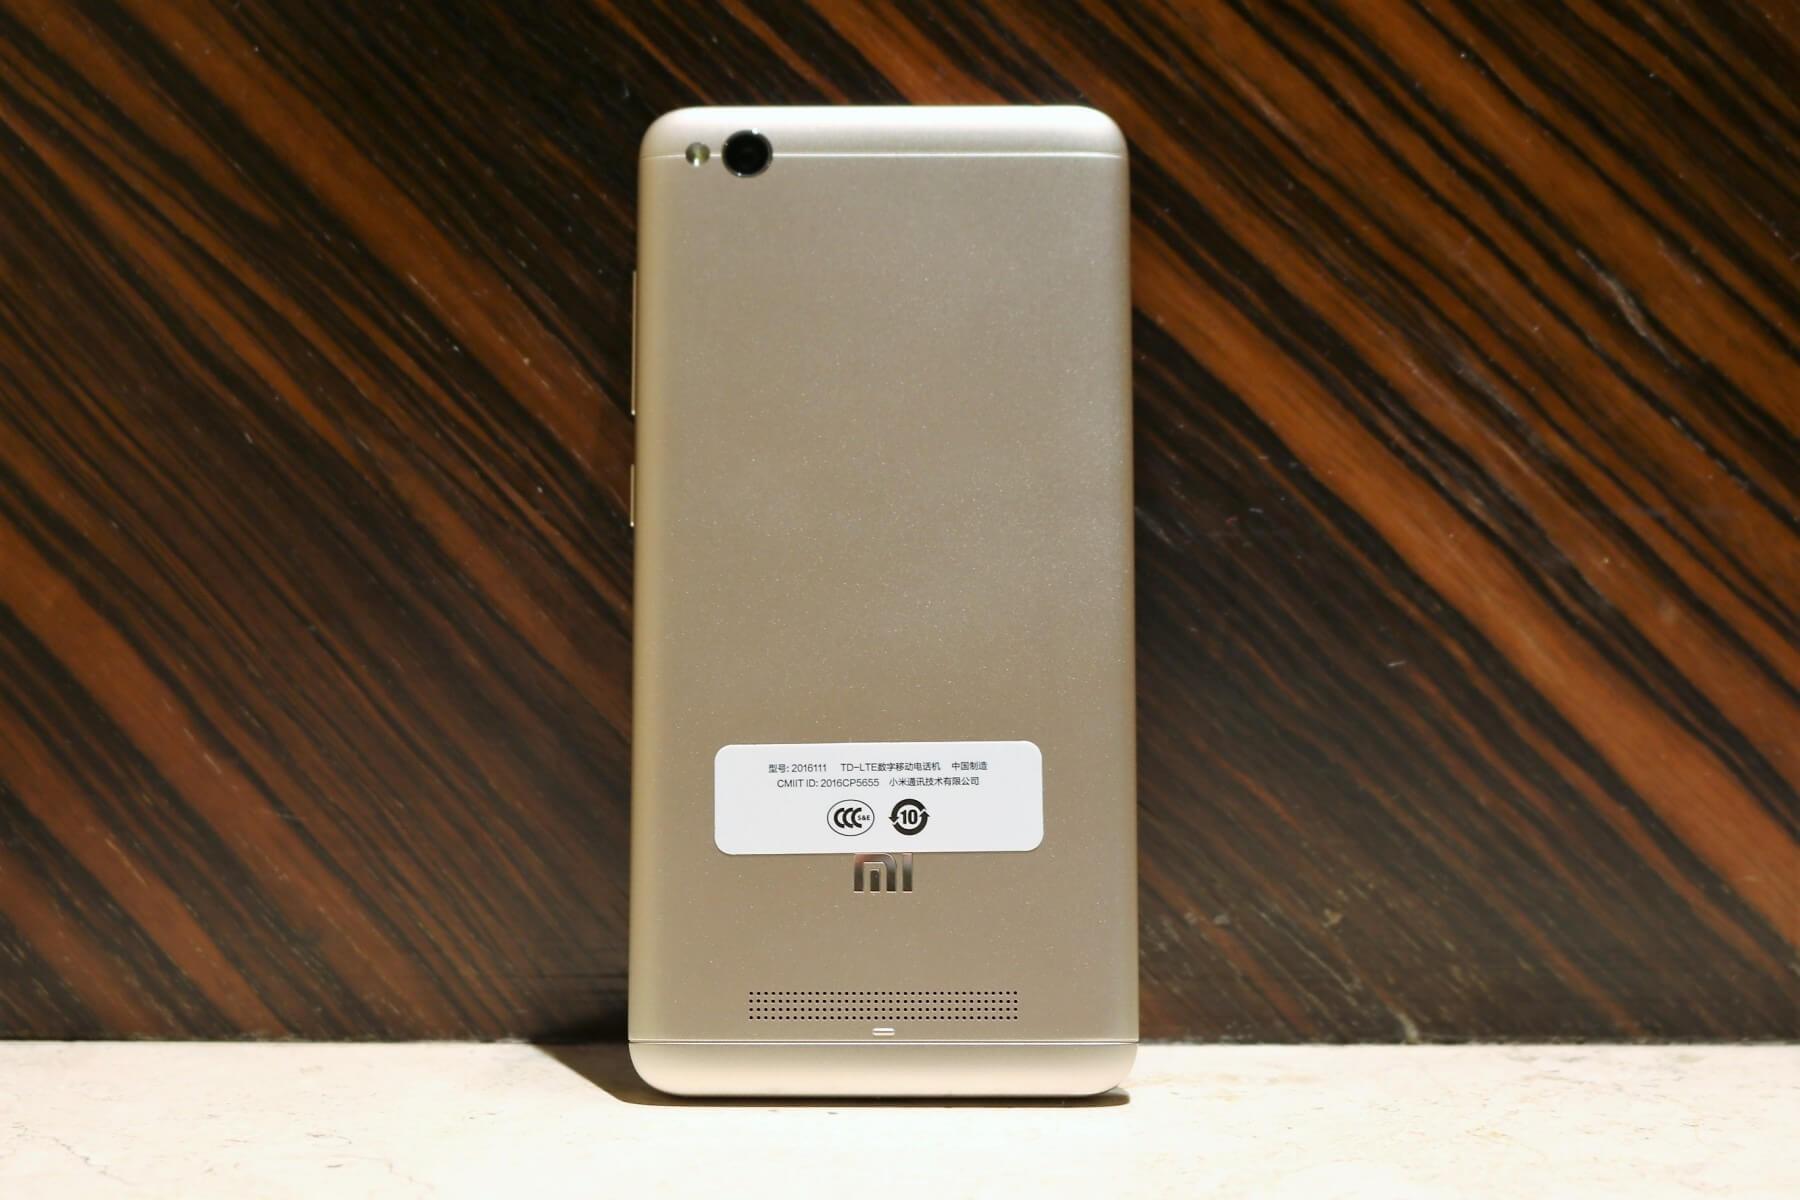 Xiaomi Redmi 4a Brauchbares Smartphone Fr 67 Euro Hands On 2 16gb Das Kostet In China Gerade Einmal 499 Yuan Was Umgerechnet Aktuell Rund Entspricht Ein Deutsche Verhltnisse Angesichts Der